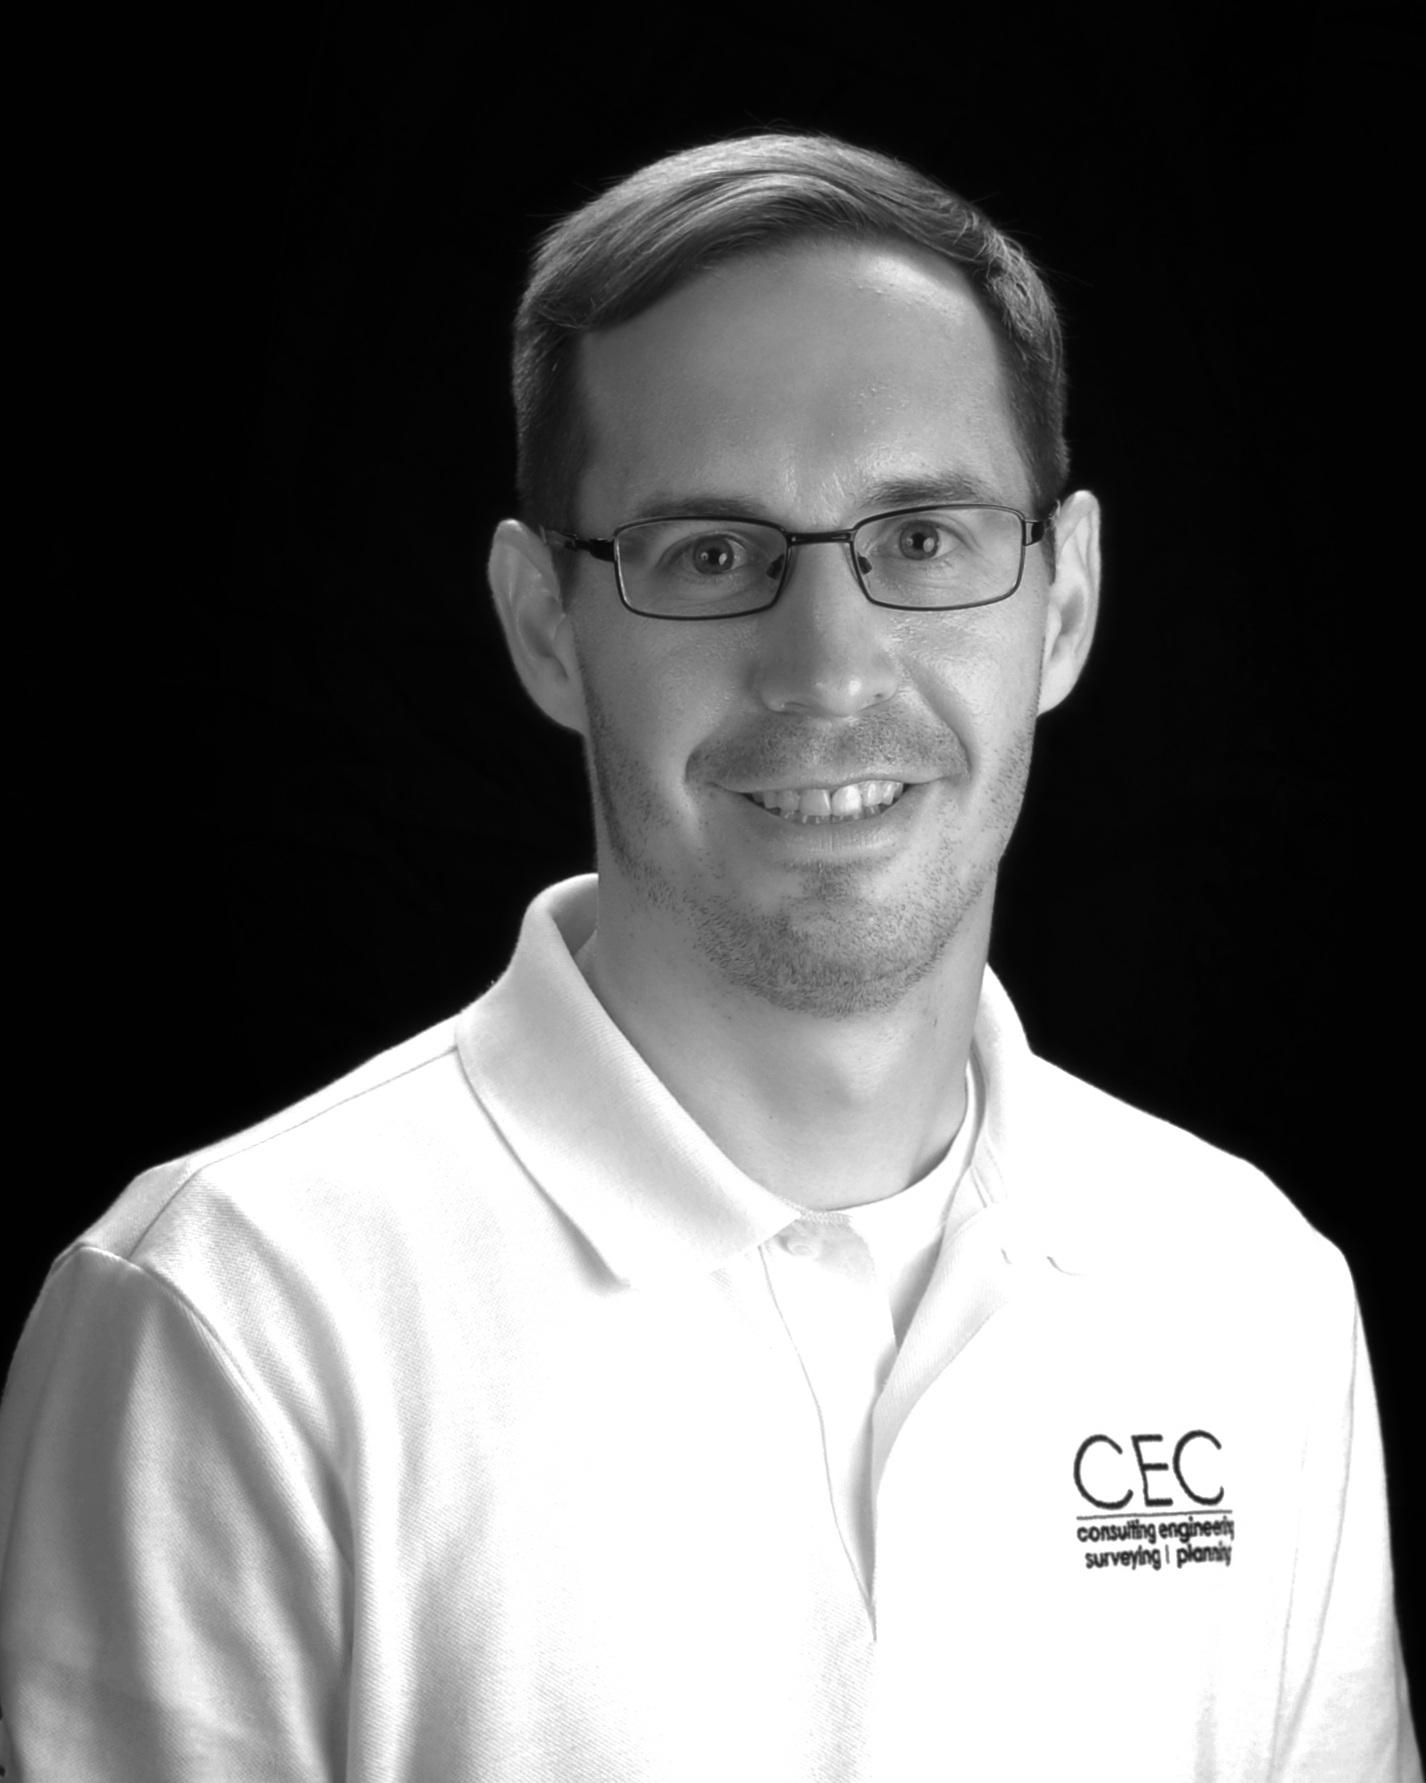 Daniel Mosher - Project Engineer